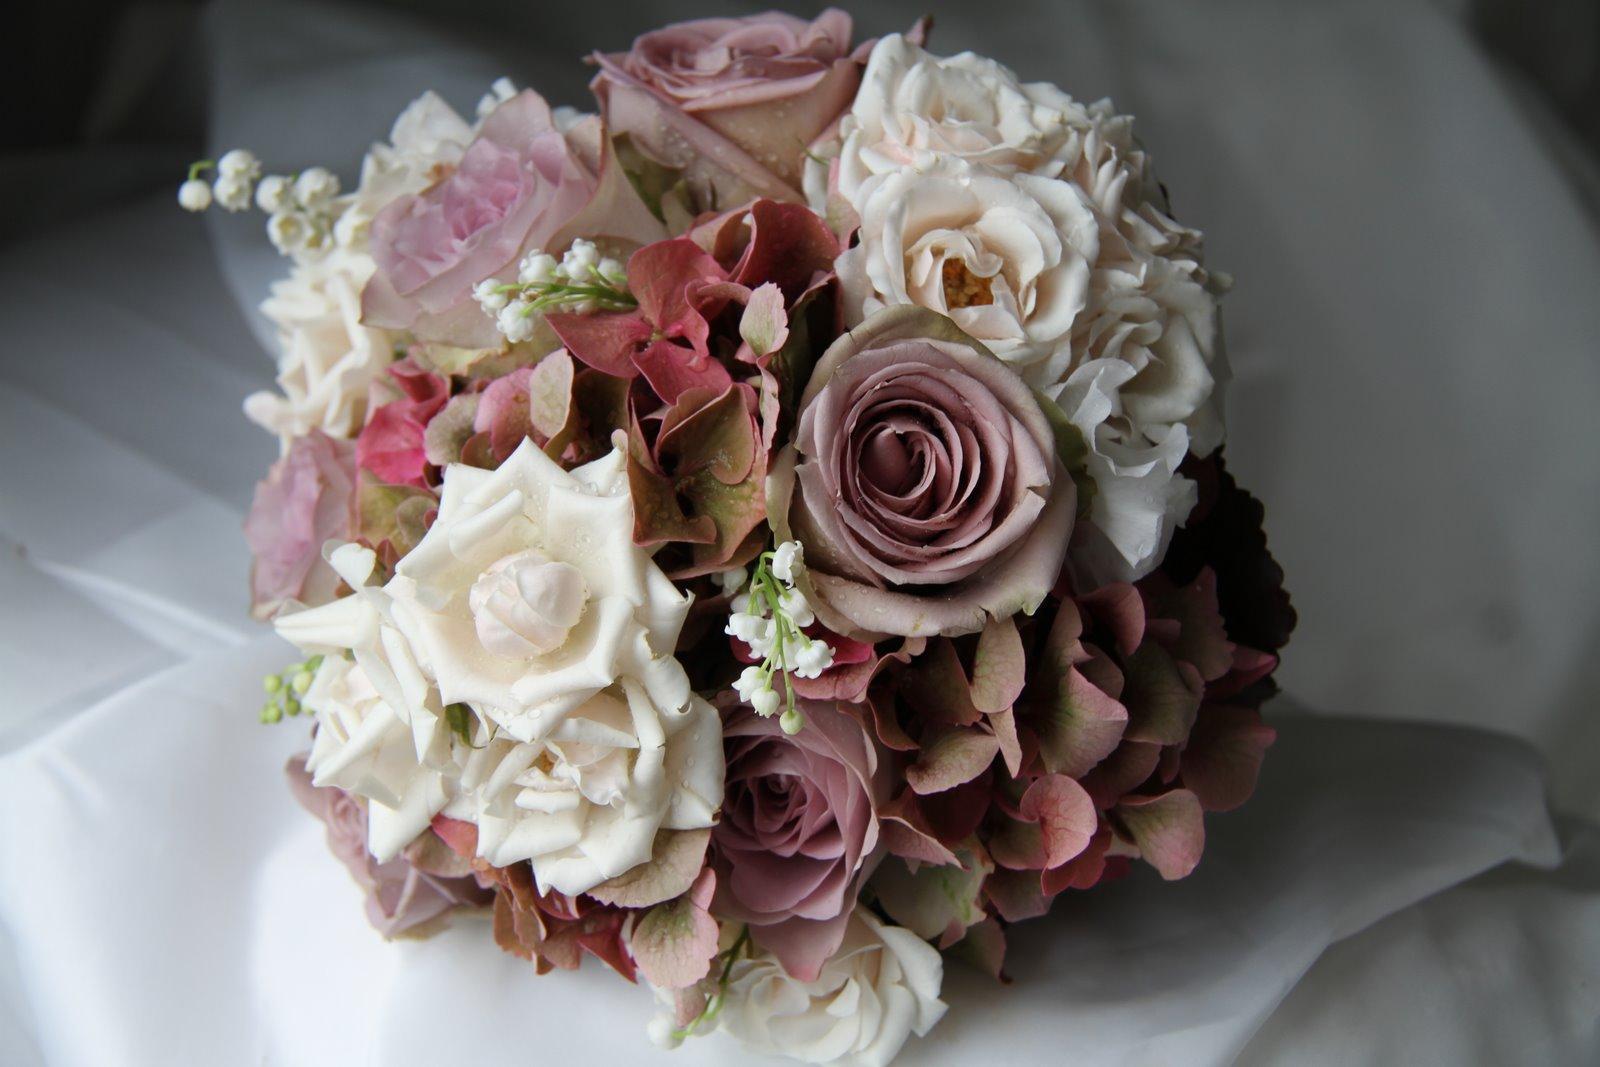 Vintage Floral Wedding Bouquets : The flower magician vintage bridal bouquet